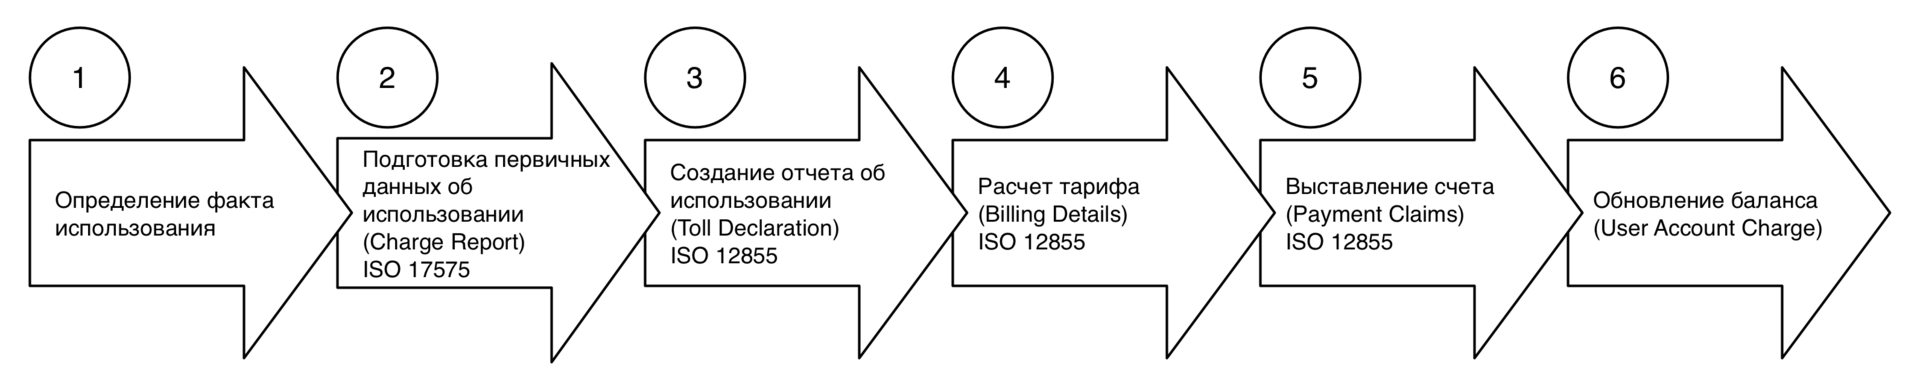 Бизнес архитектура систем взимания платы с автомобилей с использованием данных спутниковой навигации